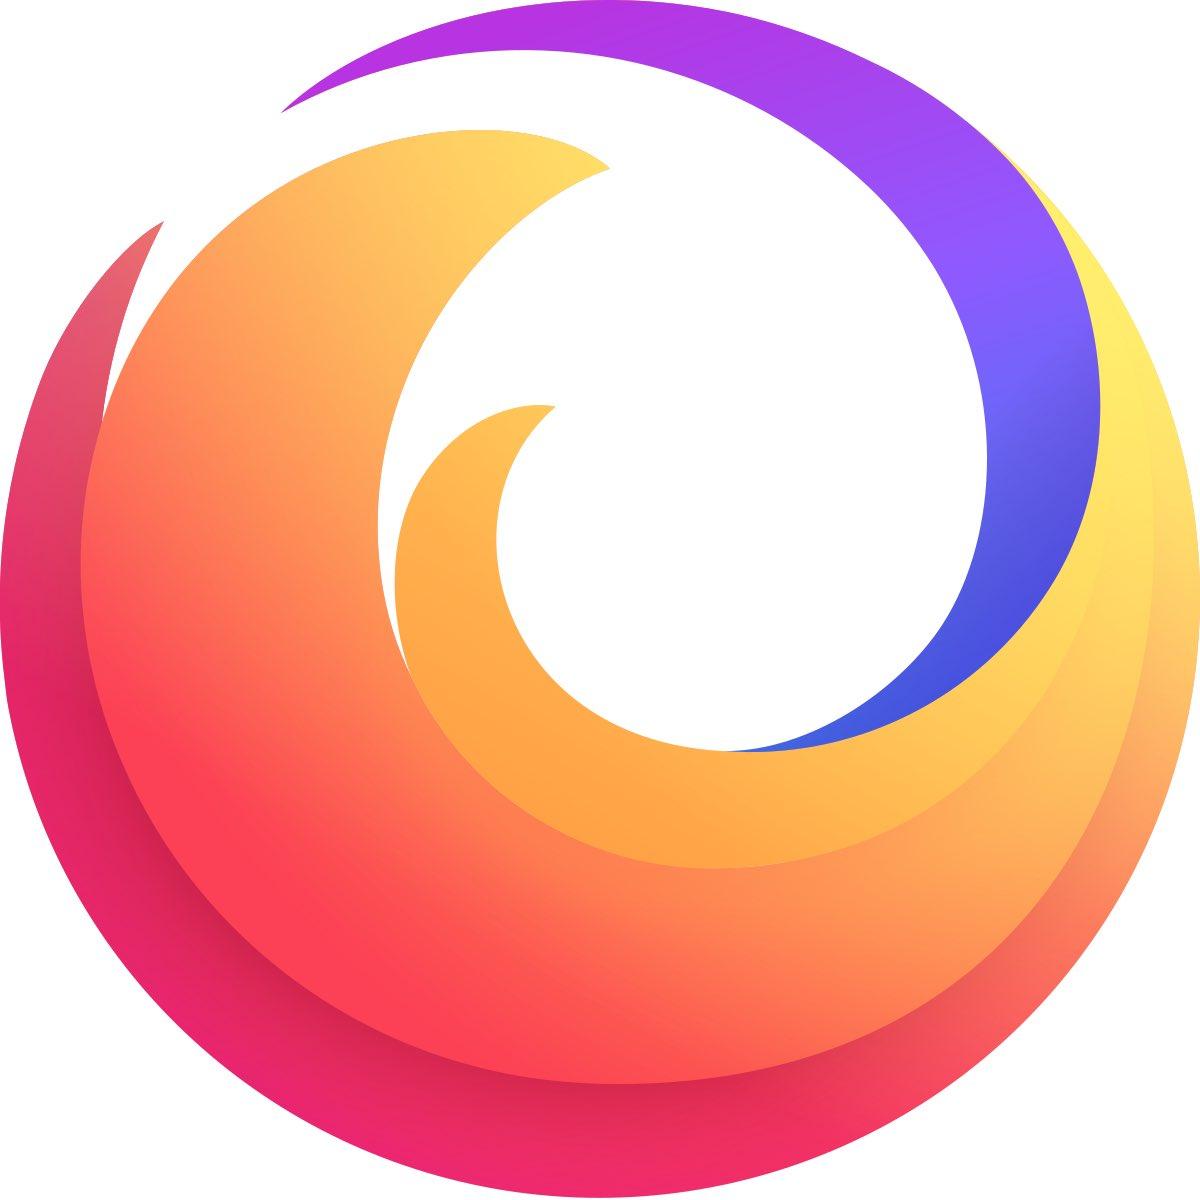 Firefox brand logo